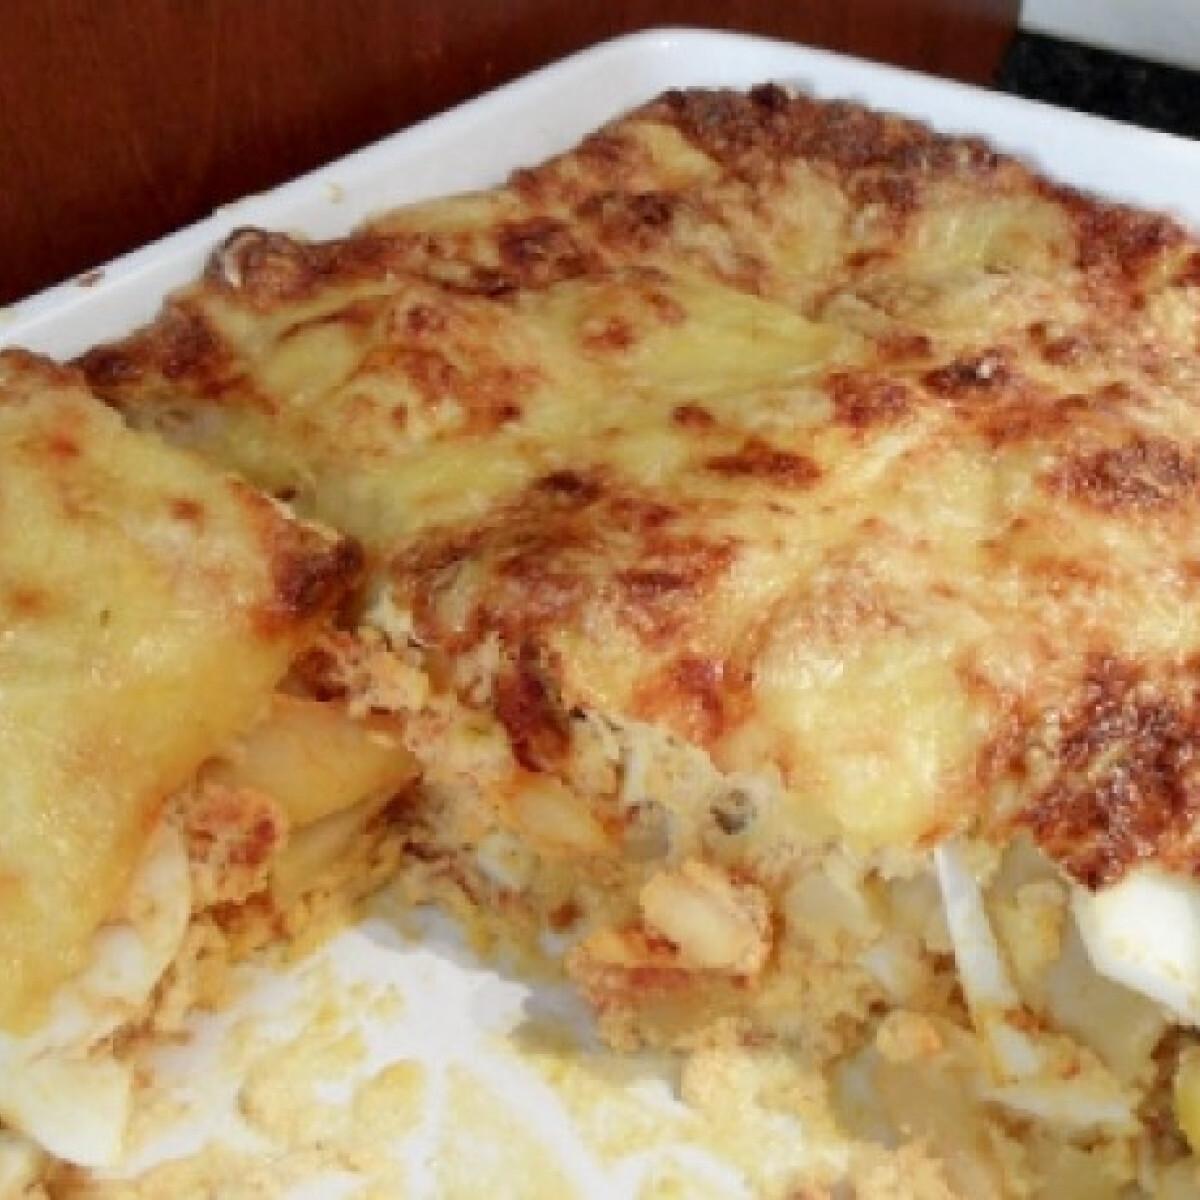 Rakott krumpli Ntakacsolga konyhájából